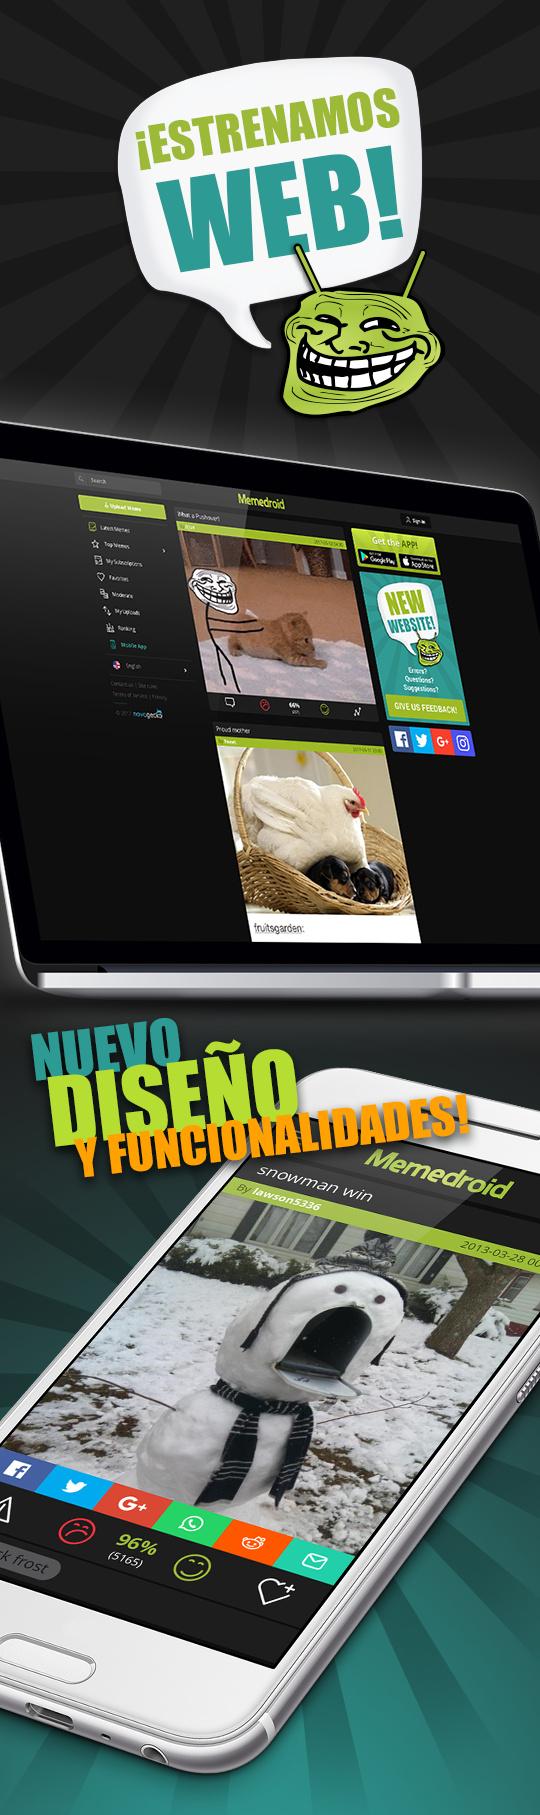 Nueva web! :) - meme